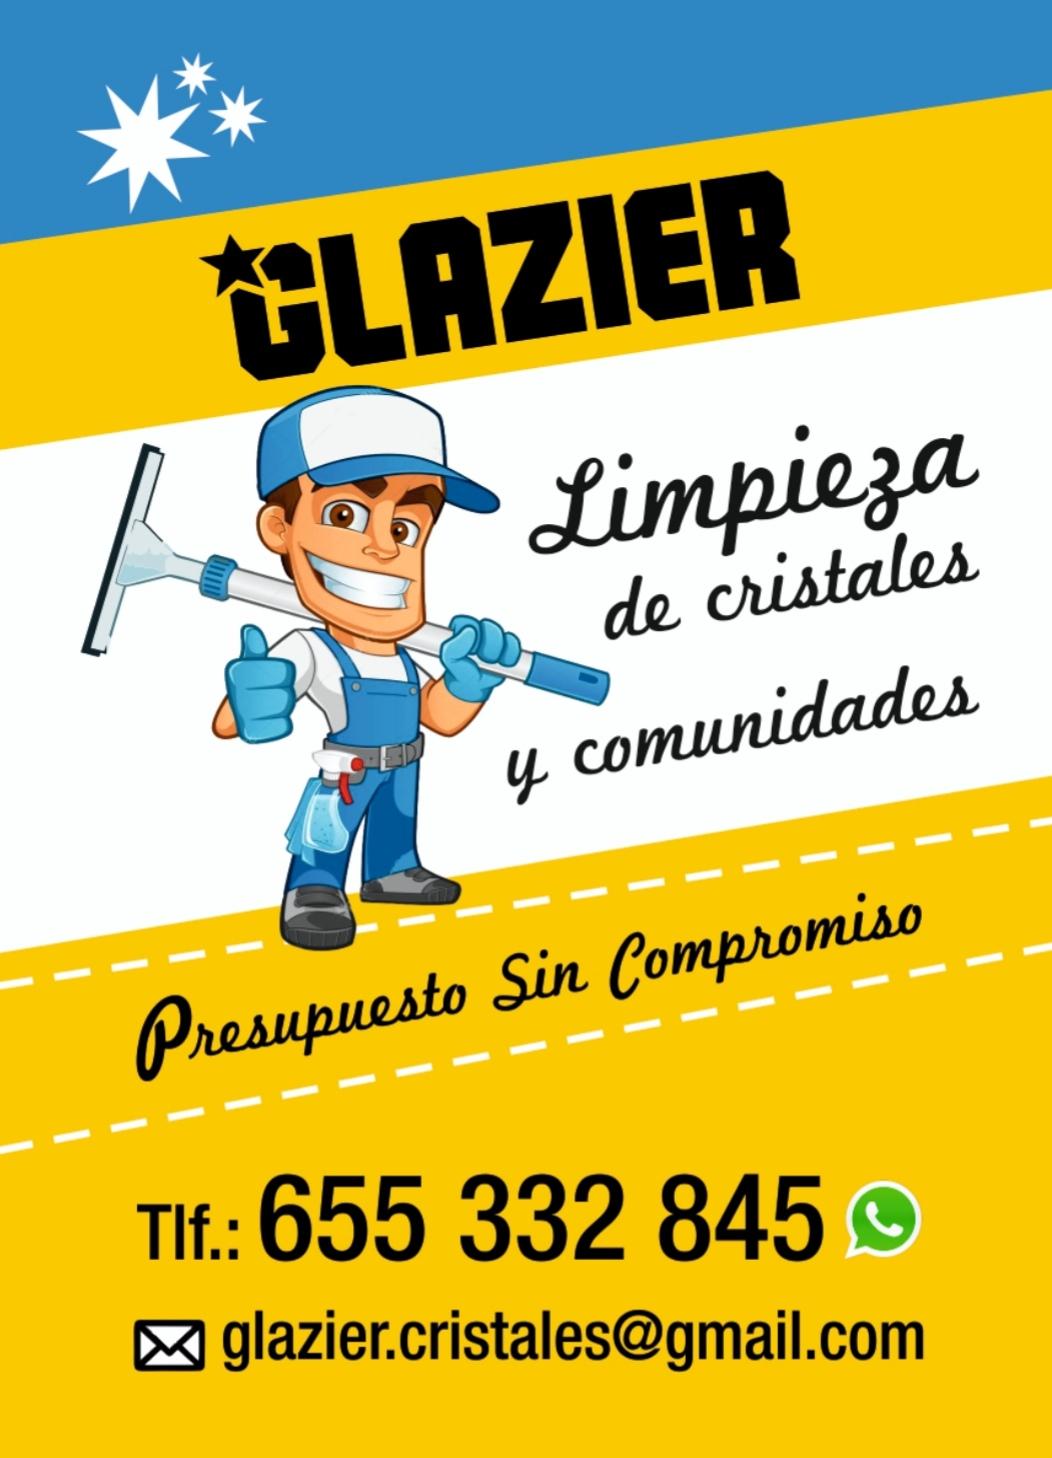 Glazier